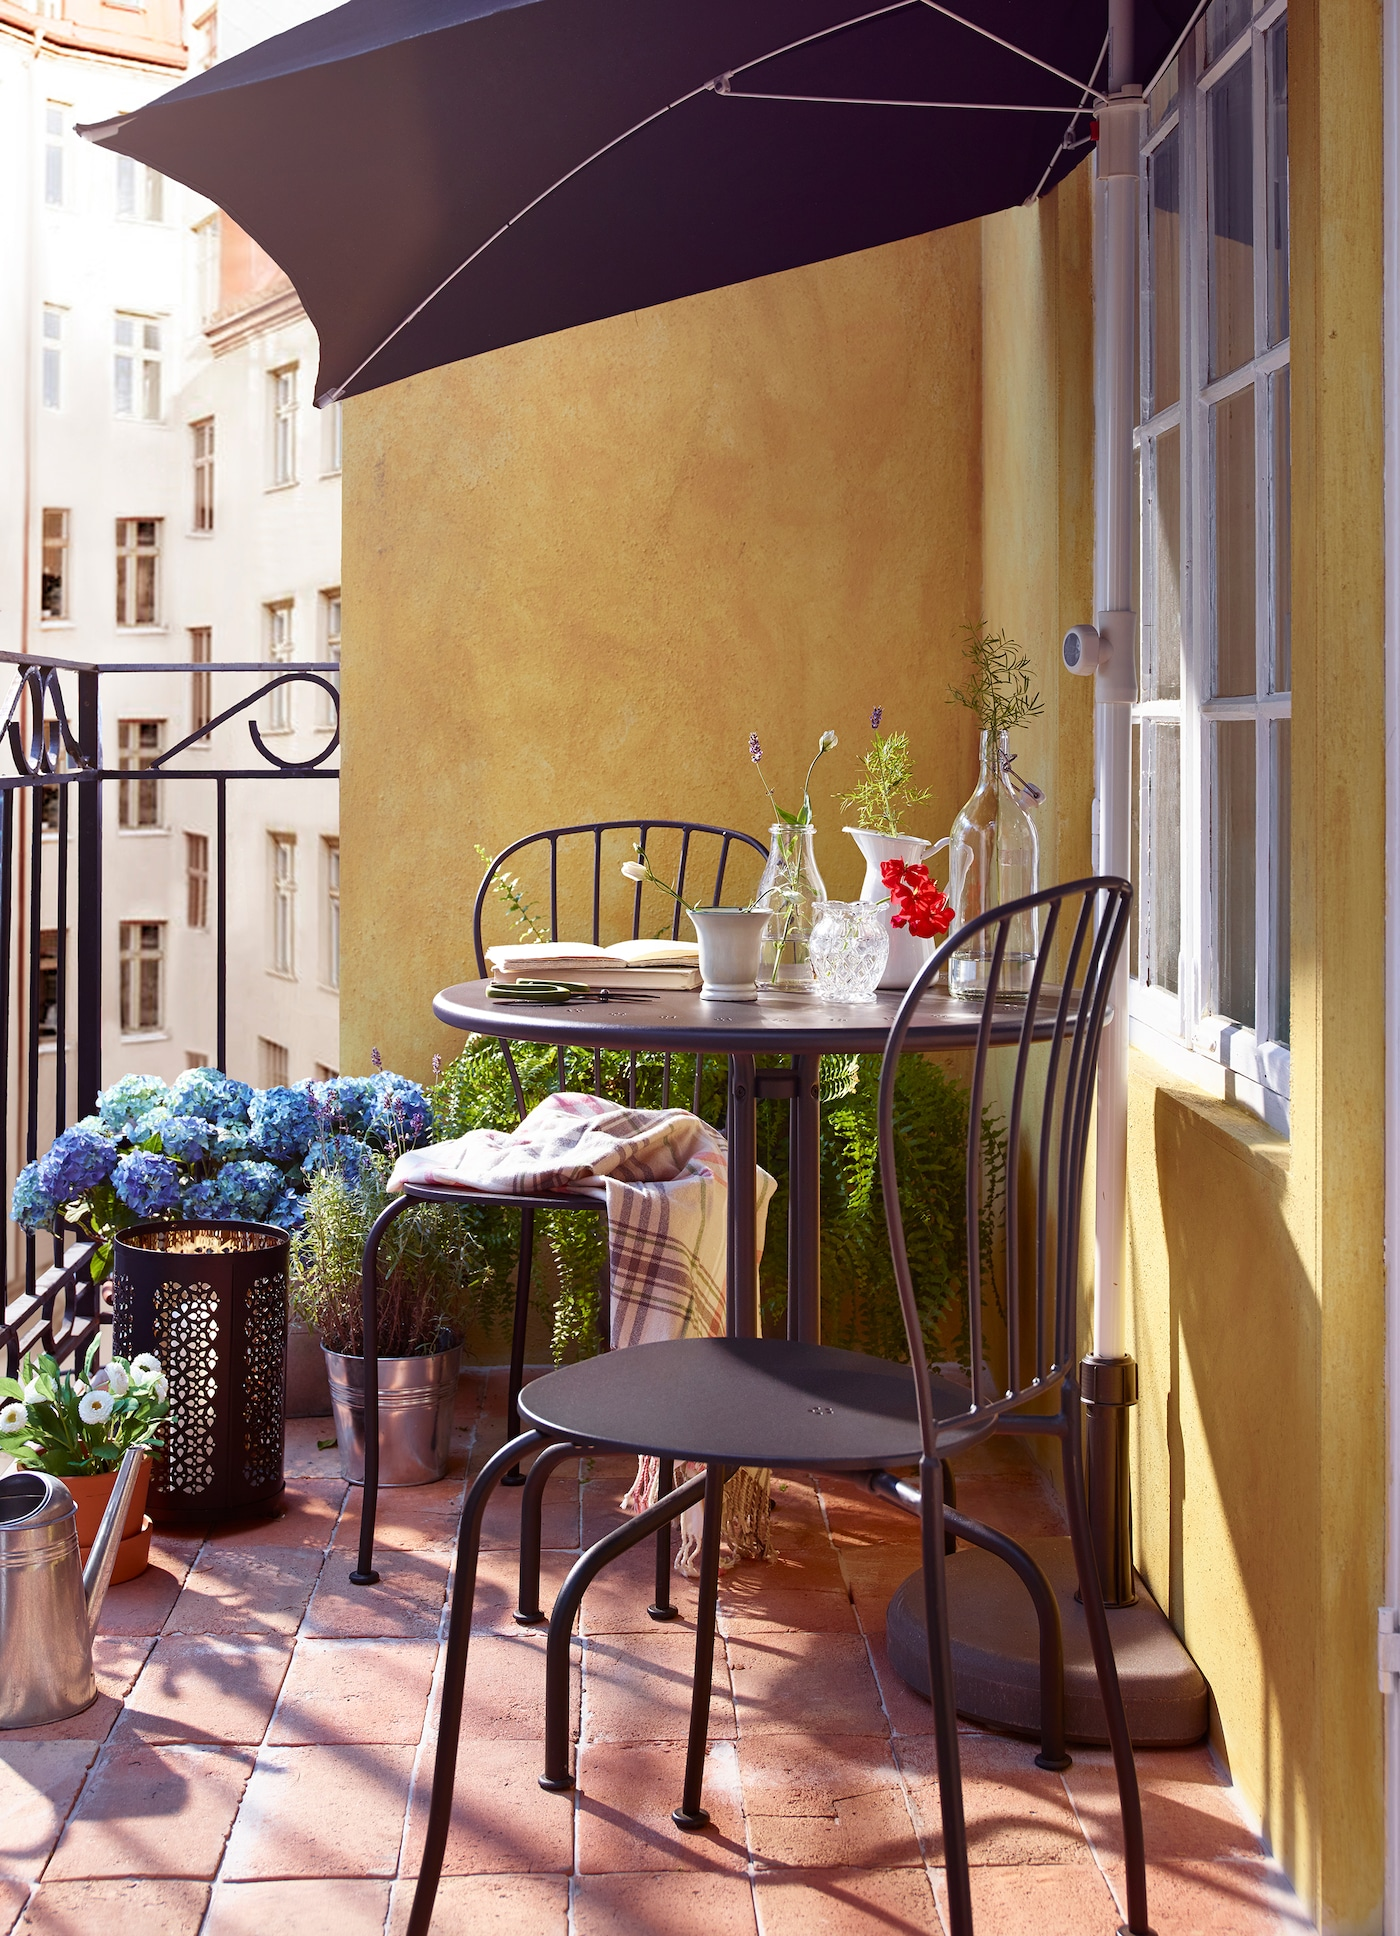 Balkonmöbelamp; Balkon Ikea Deko Für Kleinen wOukTPXlZi